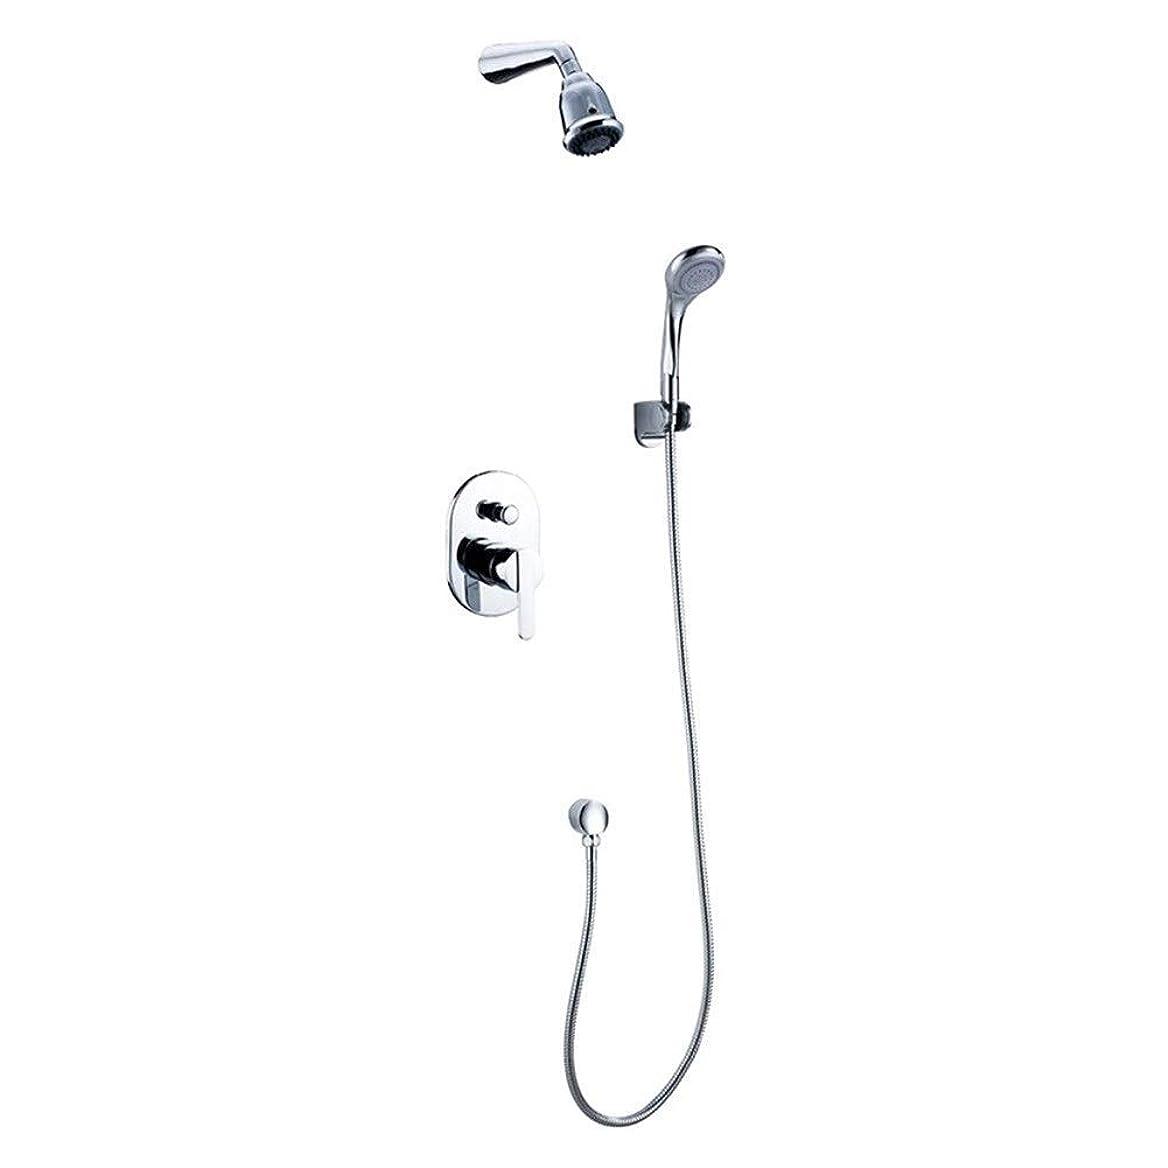 原子炉一救出ShiSyan シャワーシステム、 ハンドシャワーシンプルな調整水温シャワーセット、簡単なインストールをシャワーの壁がマウント(バス&シャワーの蛇口のタイプ:インウォールのシャワー水栓) シャワーヘッド セット 節水